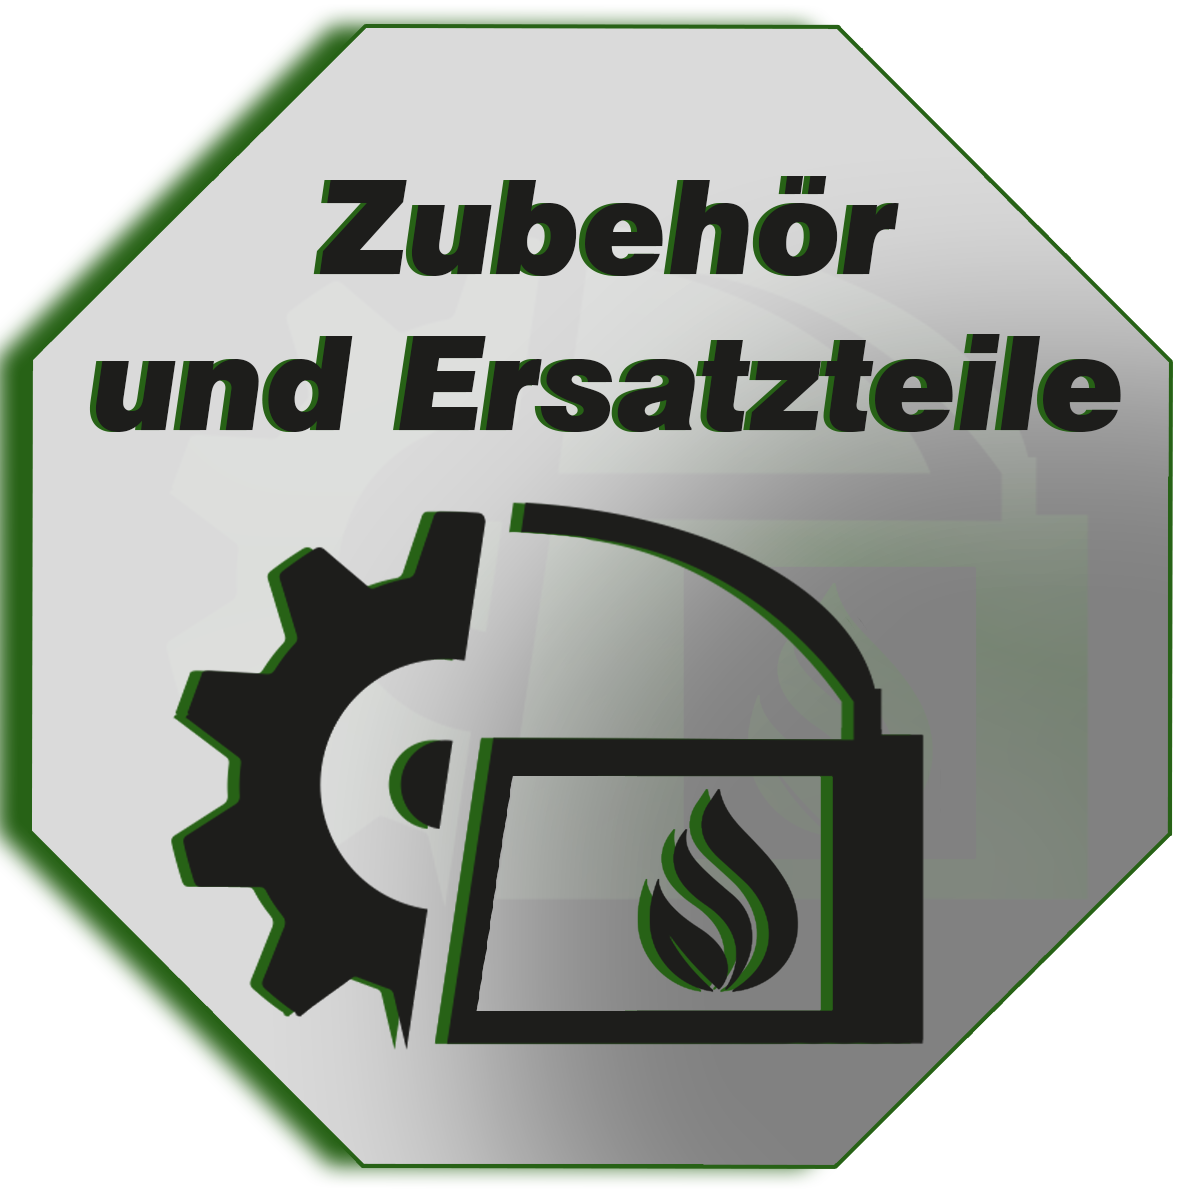 Zubehör und Ersatzteile für Biogasanlagen